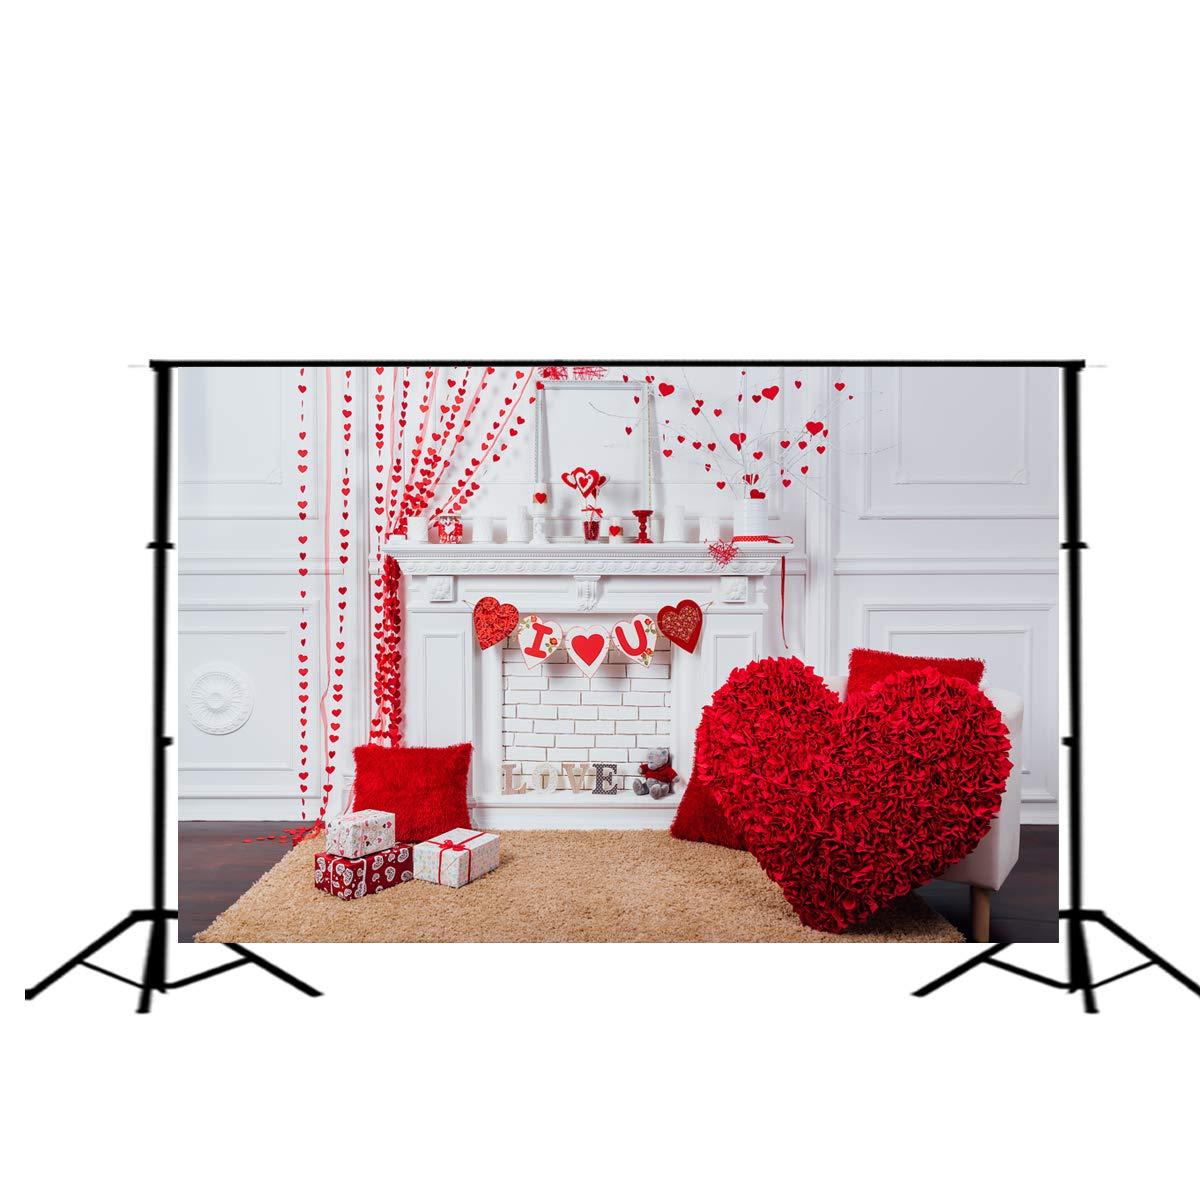 写真用背景幕 バレンタインデーの背景 結婚式のパーティー装飾 写真背景幕 バナー  3 B07MV6SPTV